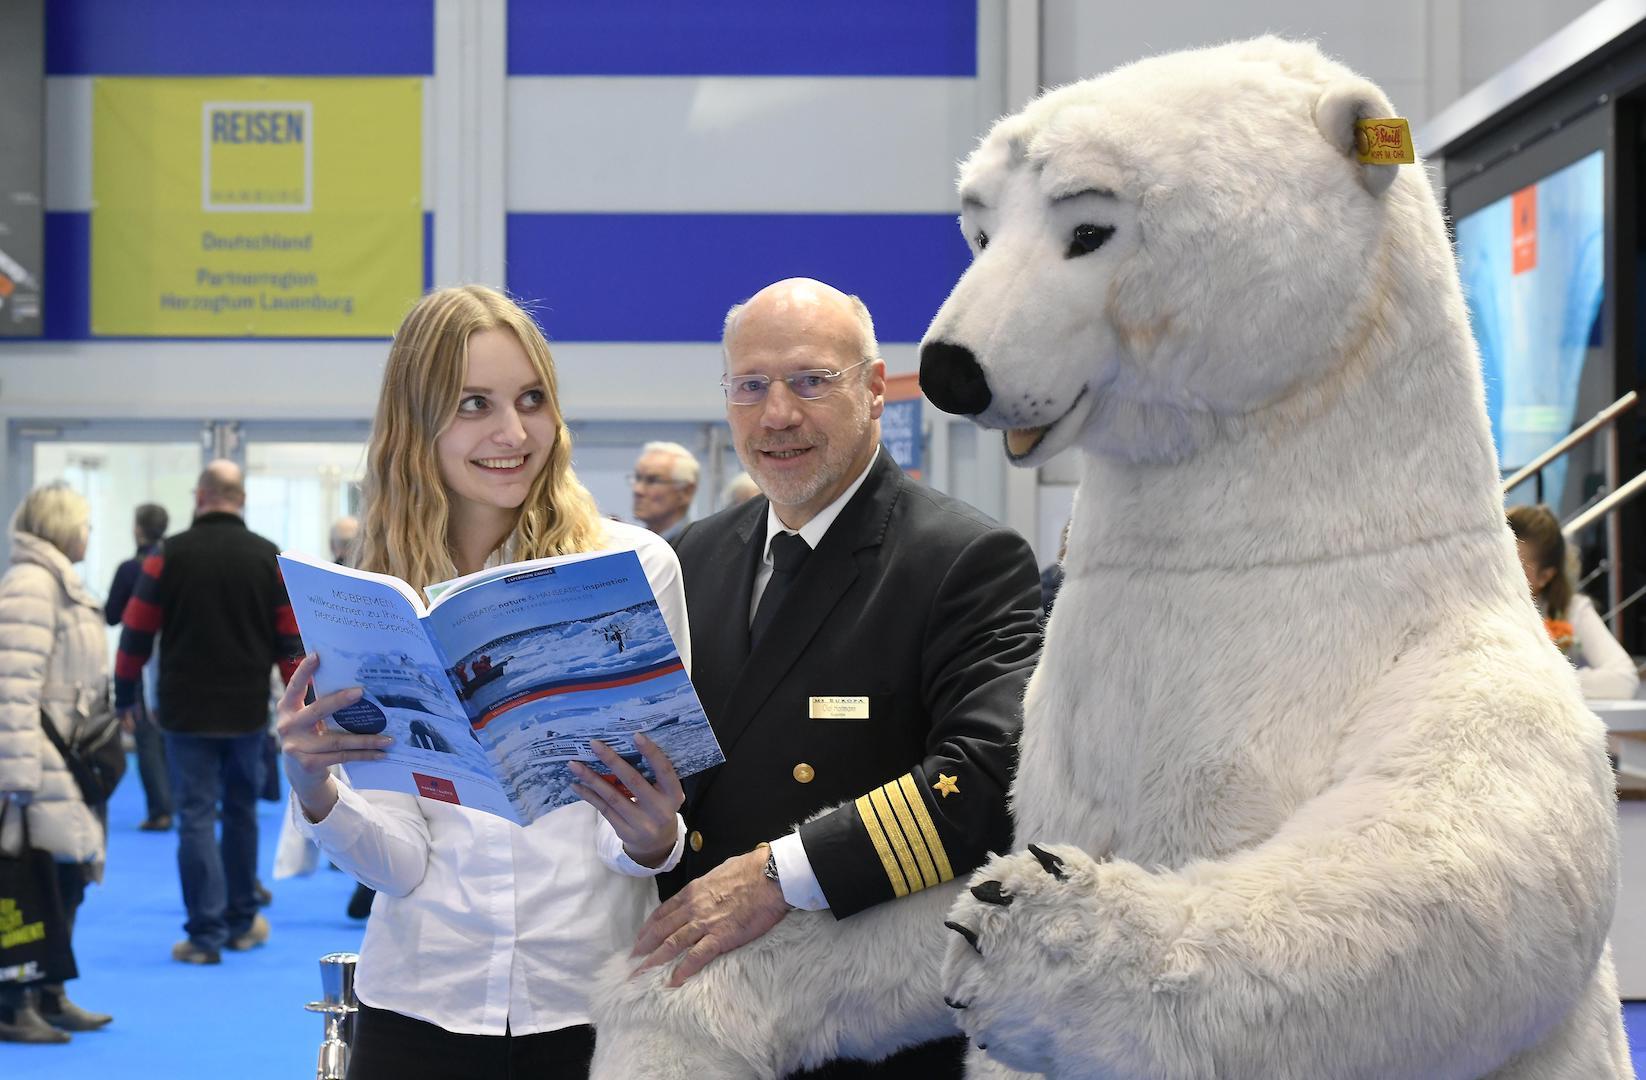 Arktis-Kreuzfahrten-Kreuzfahrtwelt-Hamburg